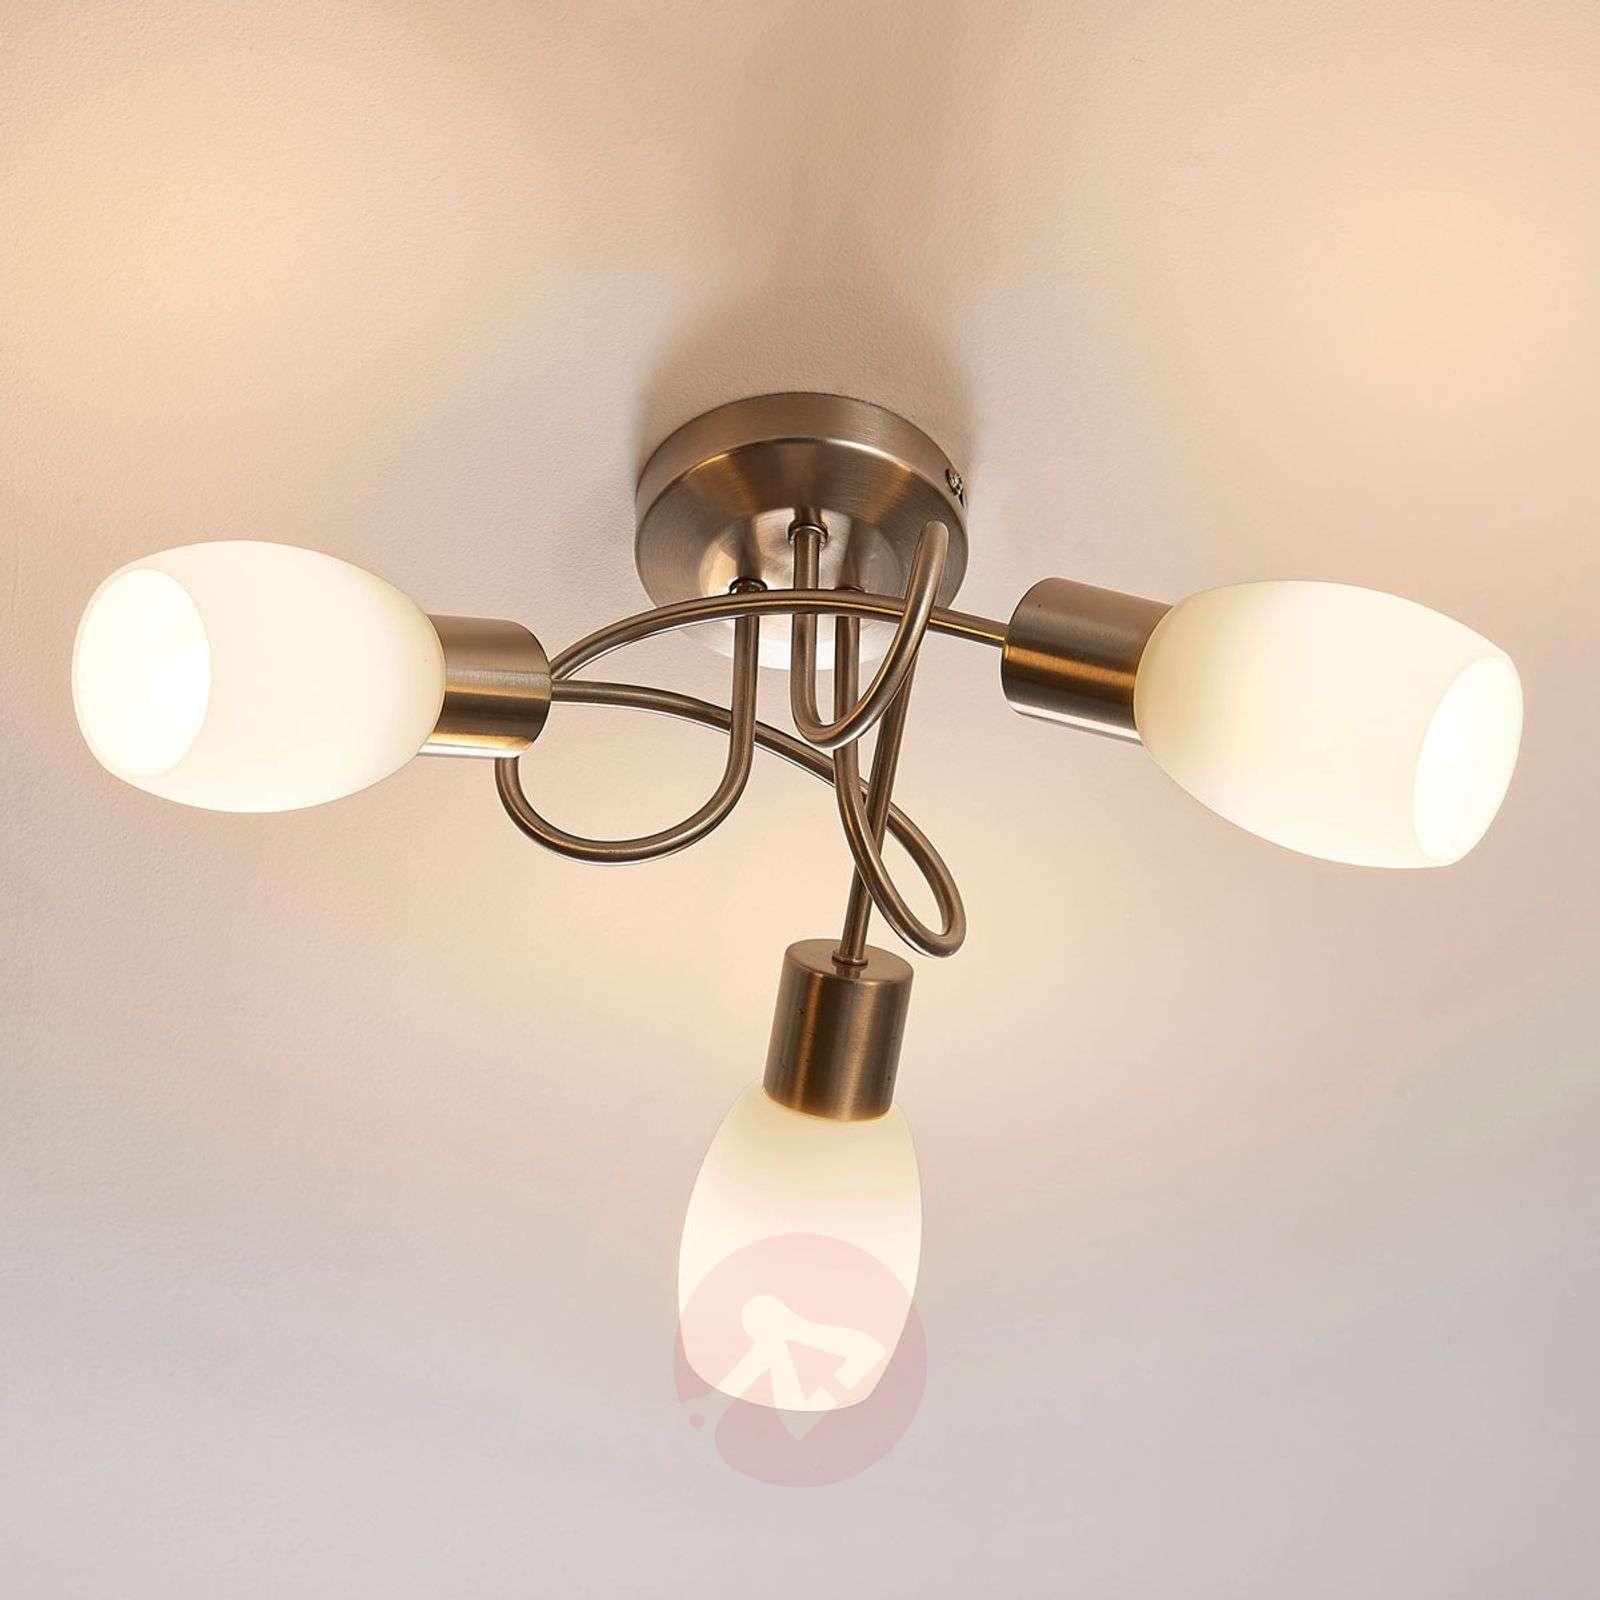 Viehättävä LED-kattolamppu Arda, easydim-9621265-02